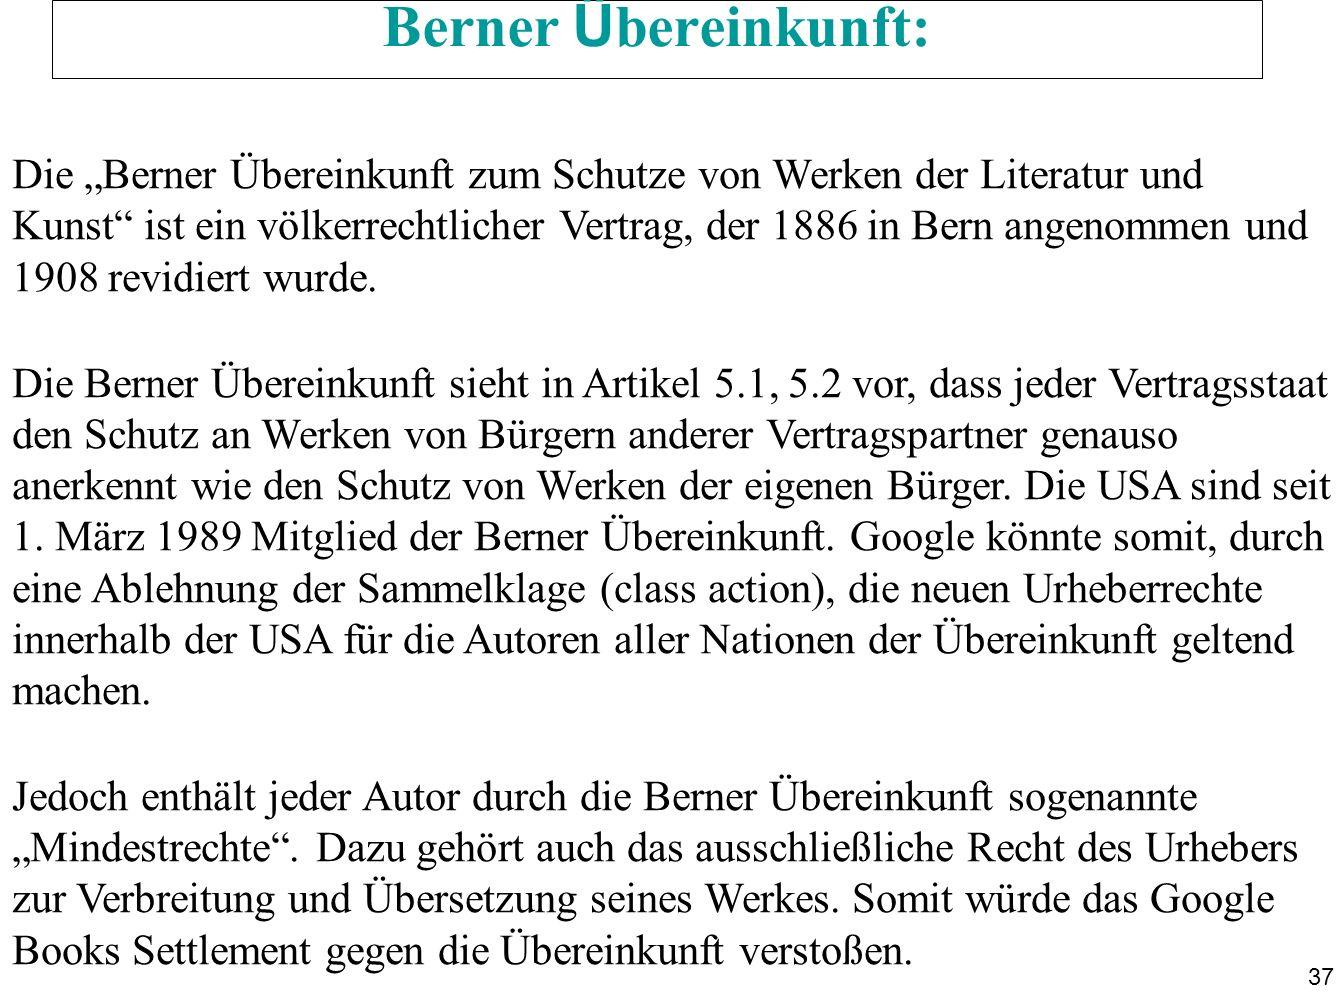 37 Berner Ü bereinkunft: Die Berner Übereinkunft zum Schutze von Werken der Literatur und Kunst ist ein völkerrechtlicher Vertrag, der 1886 in Bern angenommen und 1908 revidiert wurde.